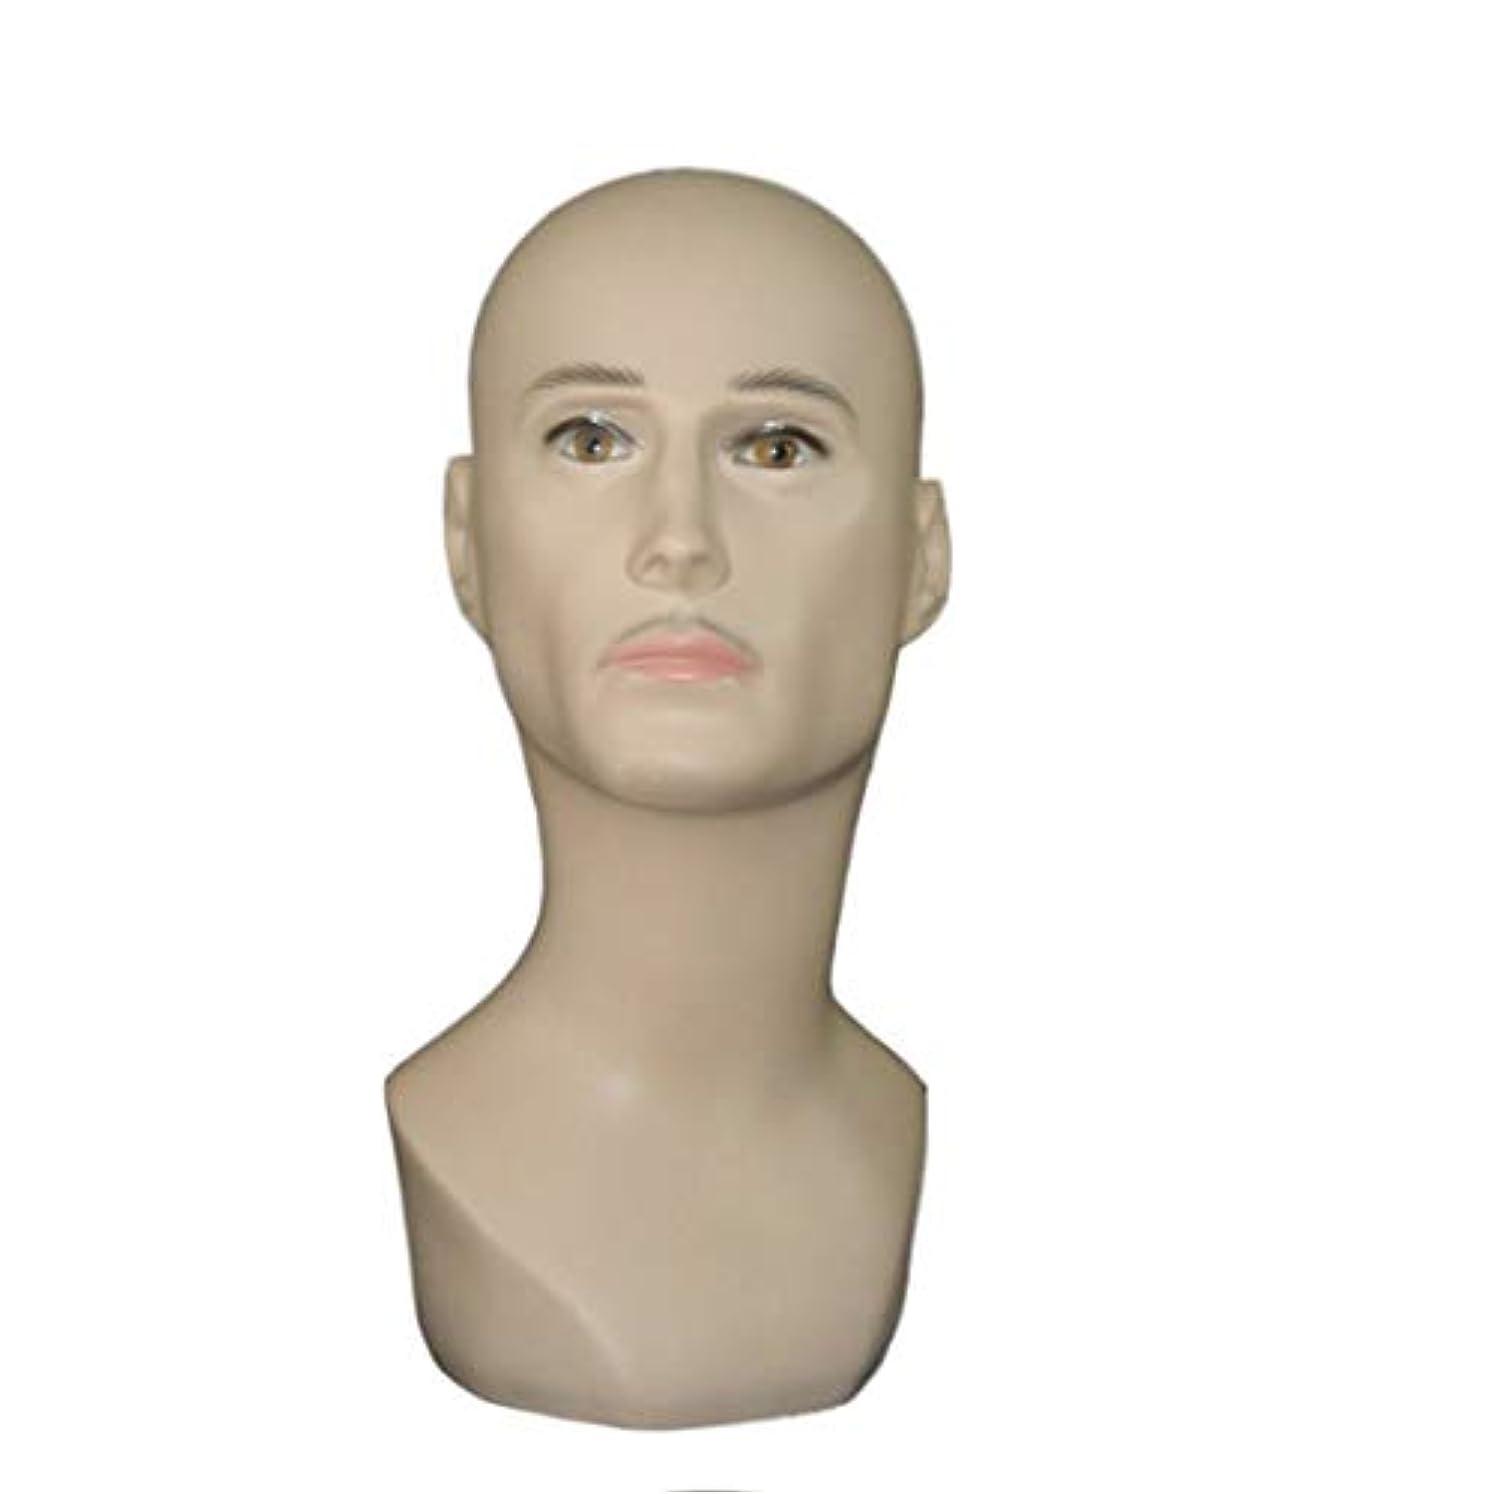 ポルトガル語請求可能つづりPVCヘッド型トレーニングマネキンフラットヘッド練習、ヘッド美容男性ヘッド型メガネ&caphatショーマネキンヘッド モデリングツール (Style : A-Skin tone)